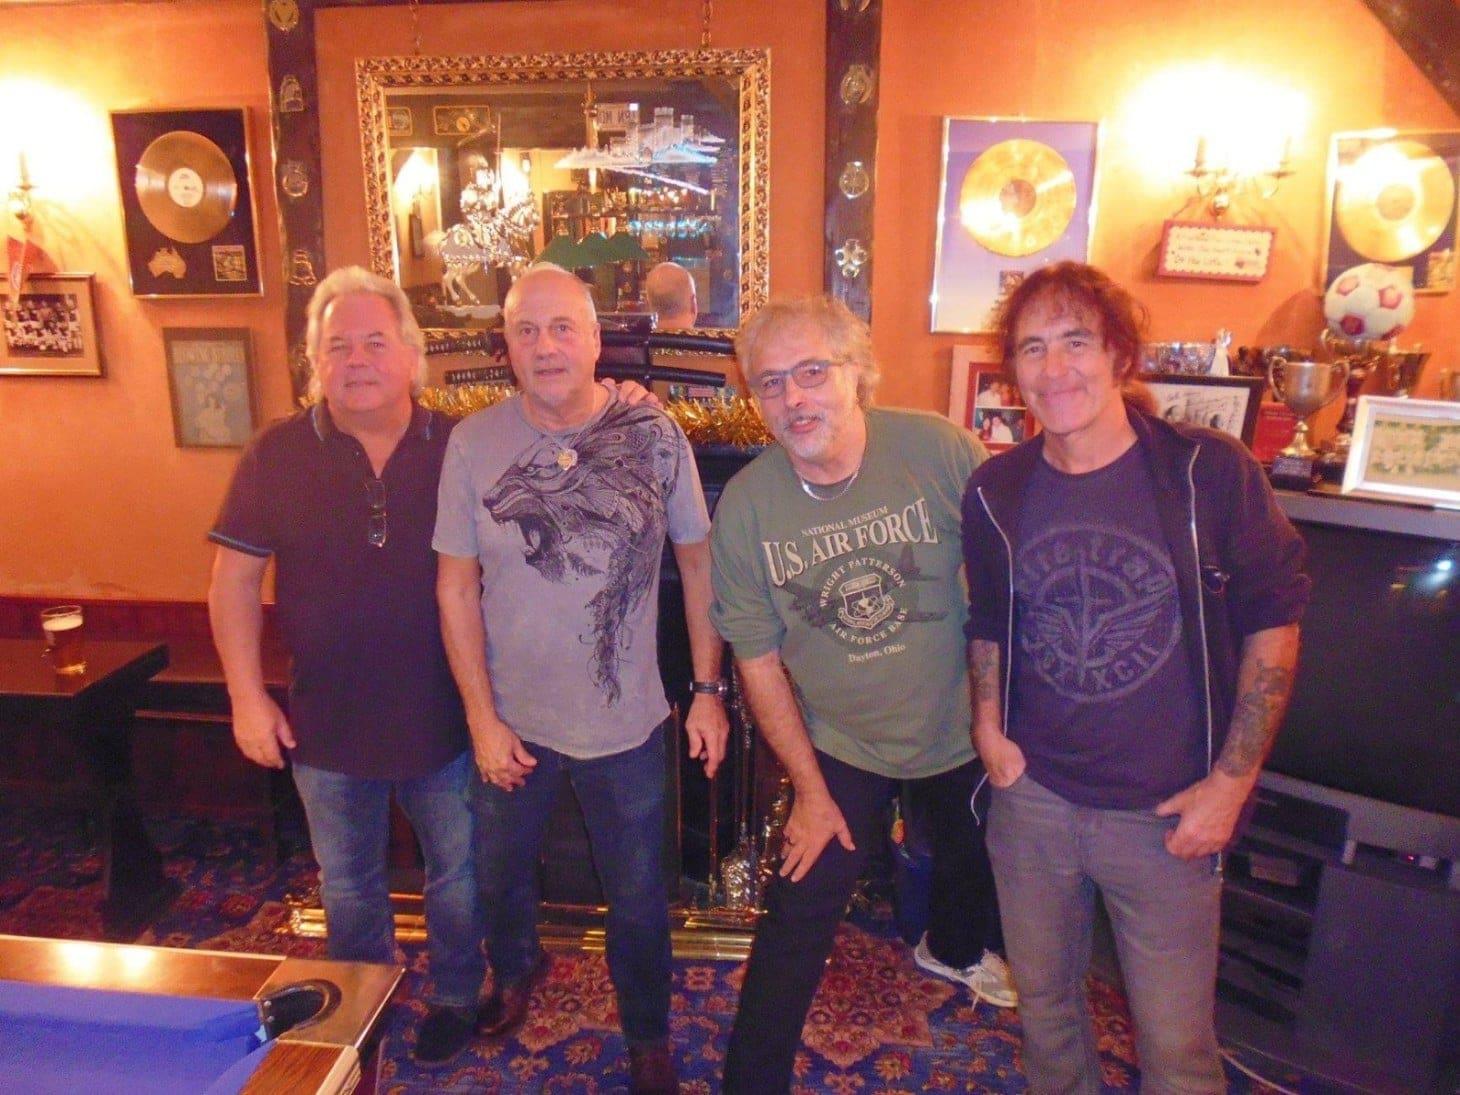 Reunión Iron Maiden miembros originales